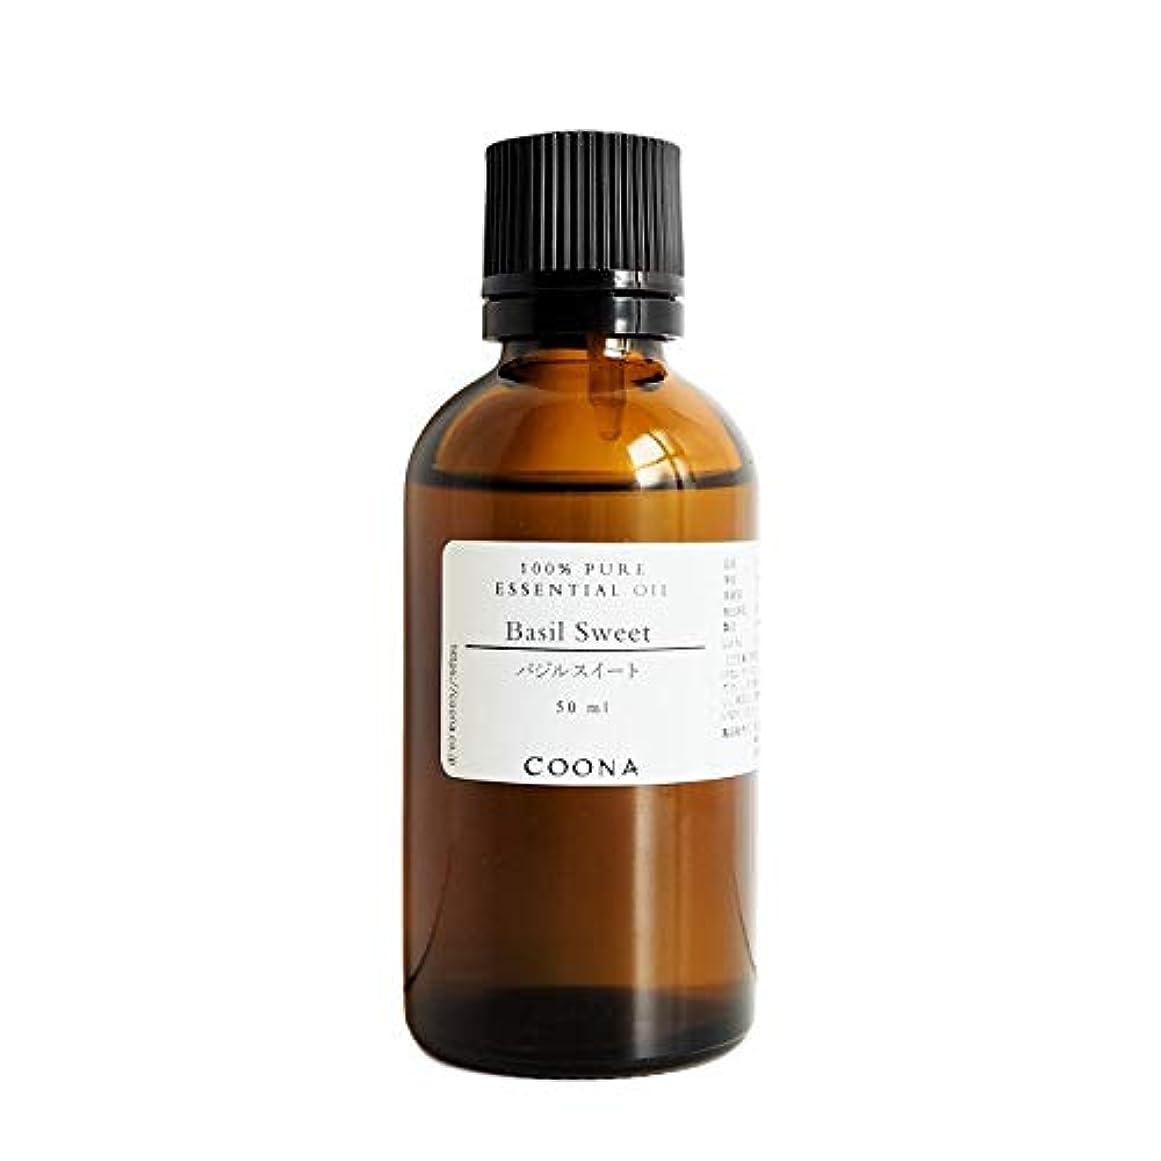 区別する鉄道宇宙バジル スイート 50 ml (COONA エッセンシャルオイル アロマオイル 100%天然植物精油)